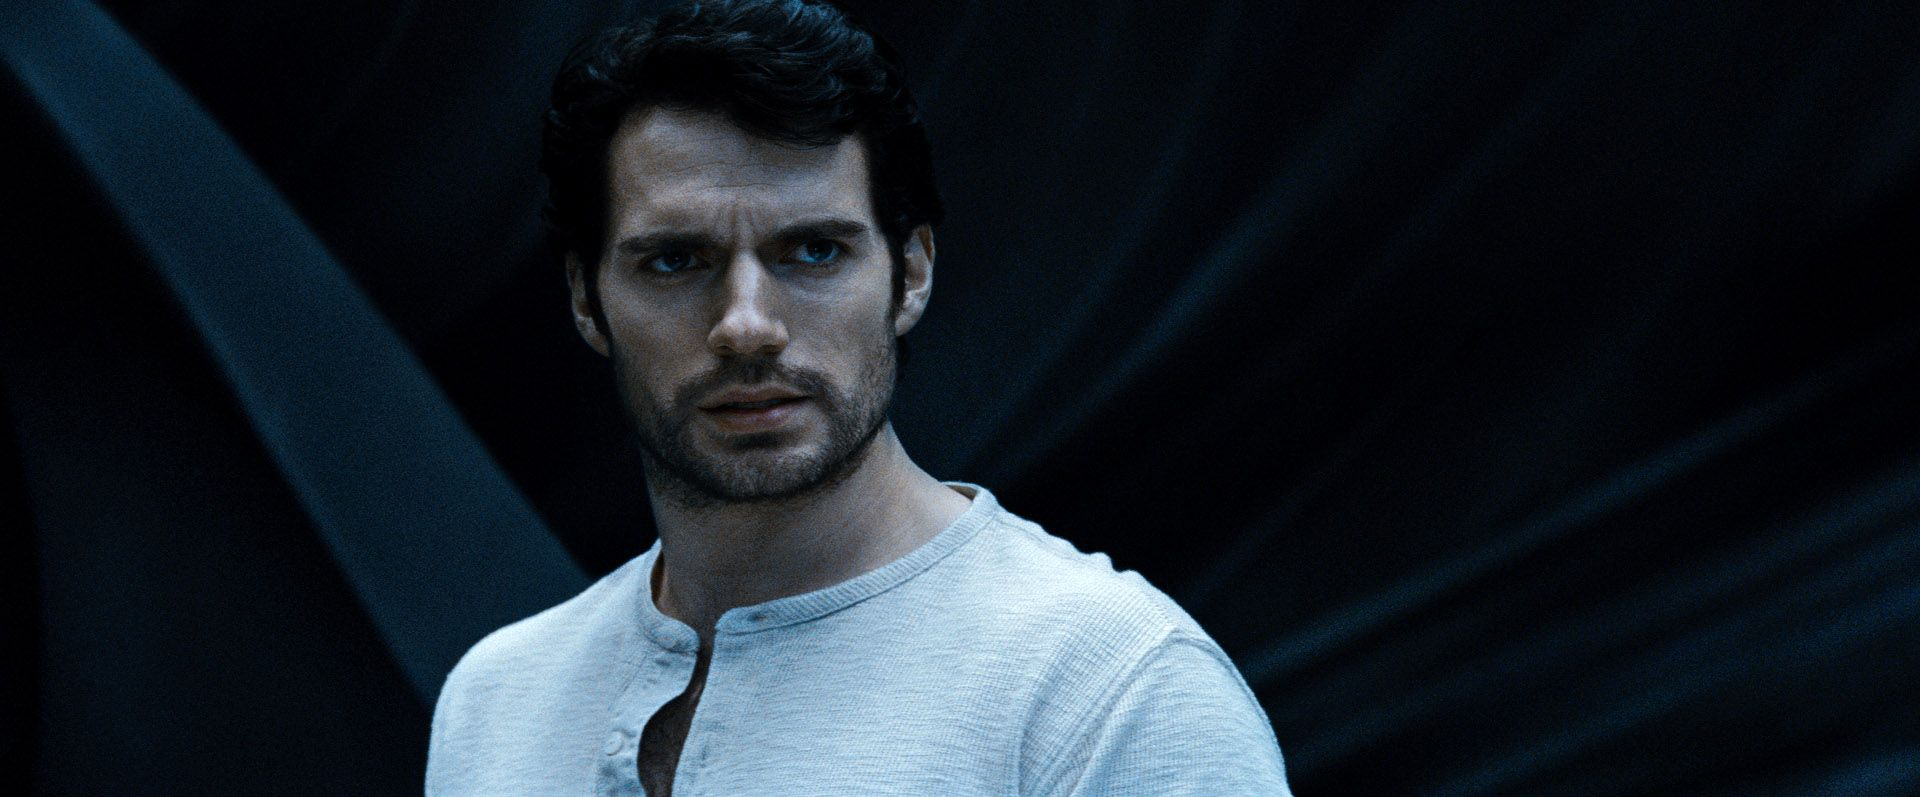 """Henry Cavill es el protagonista del filme """"El Hombre de Acero"""" (Man of Steel) y hace el papel de Kal-El/Clark Kent/Superman."""